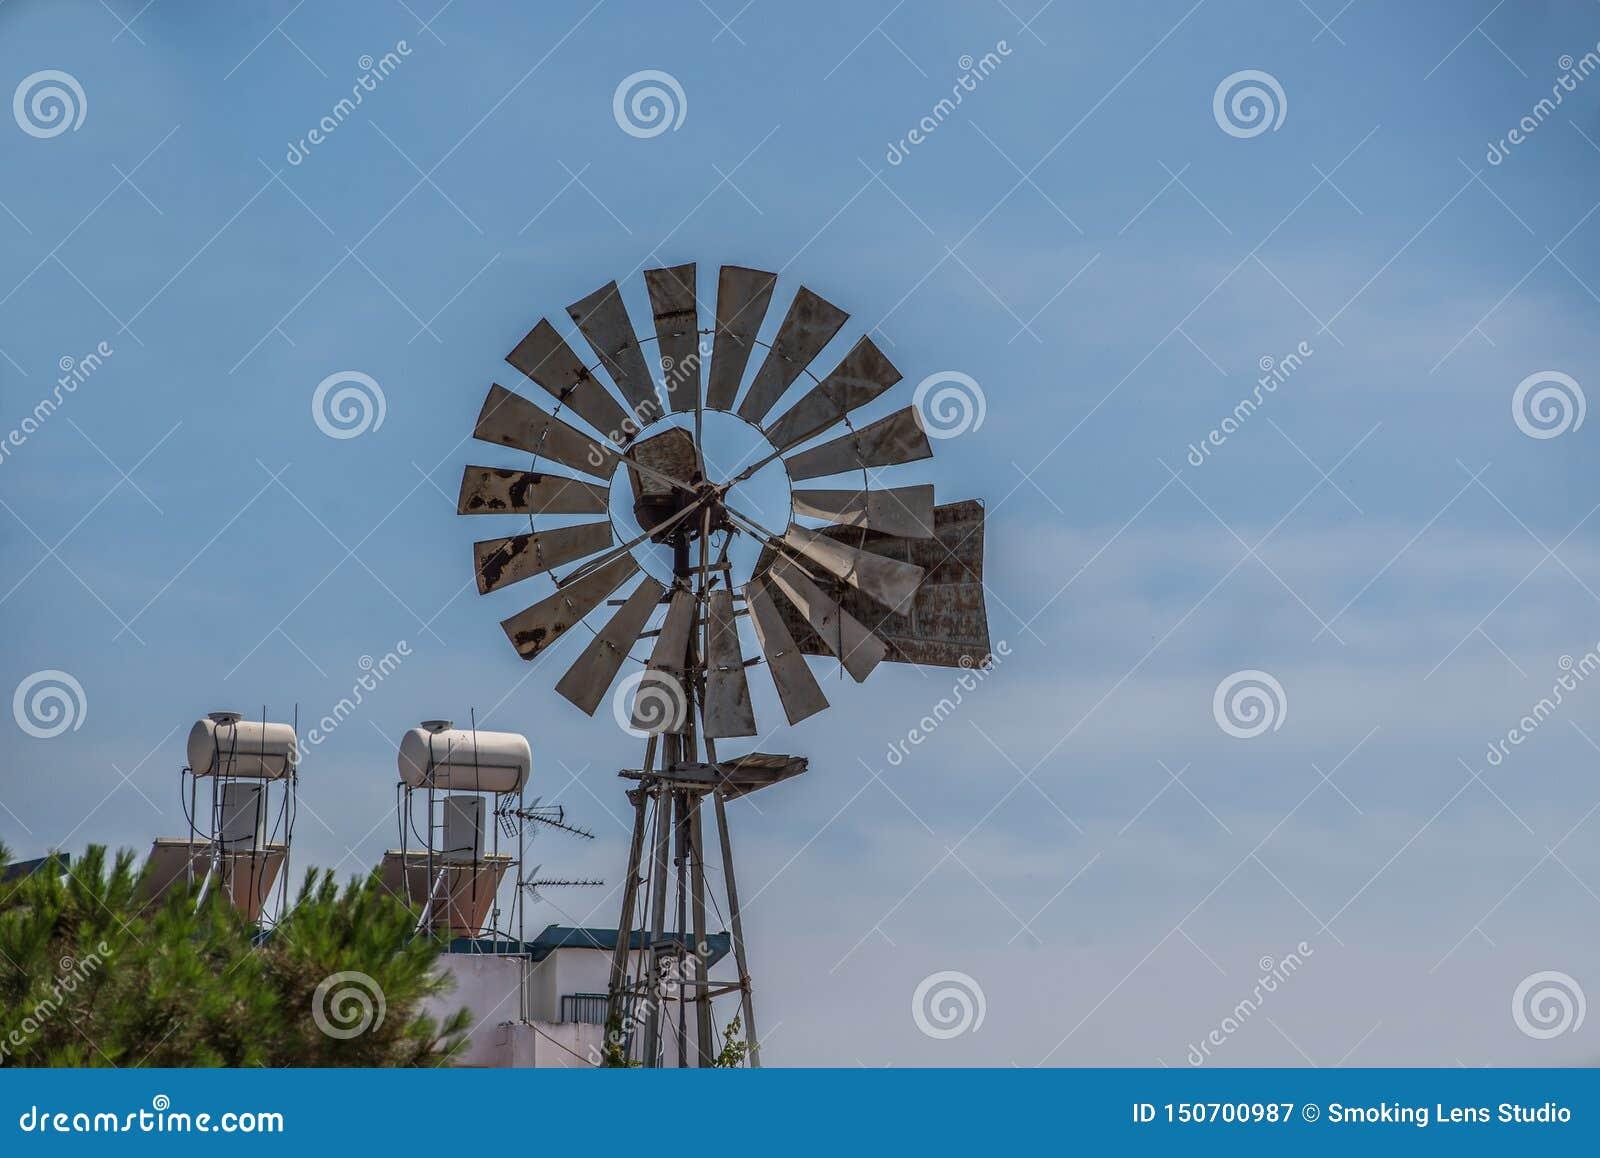 Moulin à vent dans un environnement de ville avec le ciel bleu